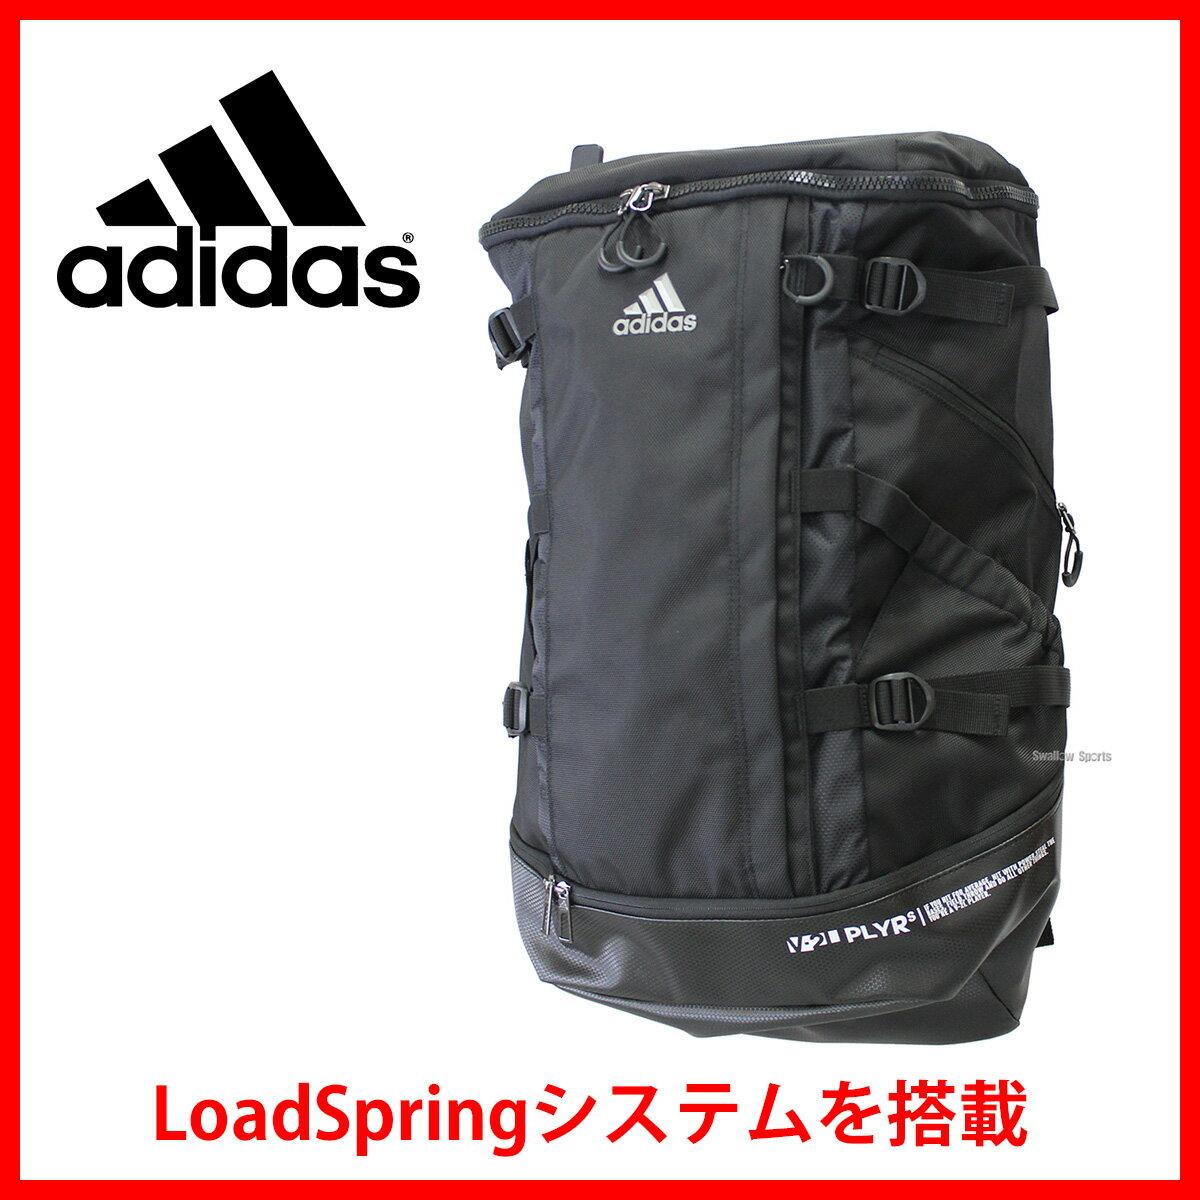 【あす楽対応】 adidas アディダス バッグ 5T OPS バックパック 30L BKS リュック DMU32 バック 遠征バッグ 新入学 野球部 新入部員 野球用品 スワロースポーツ リュック 入学祝い